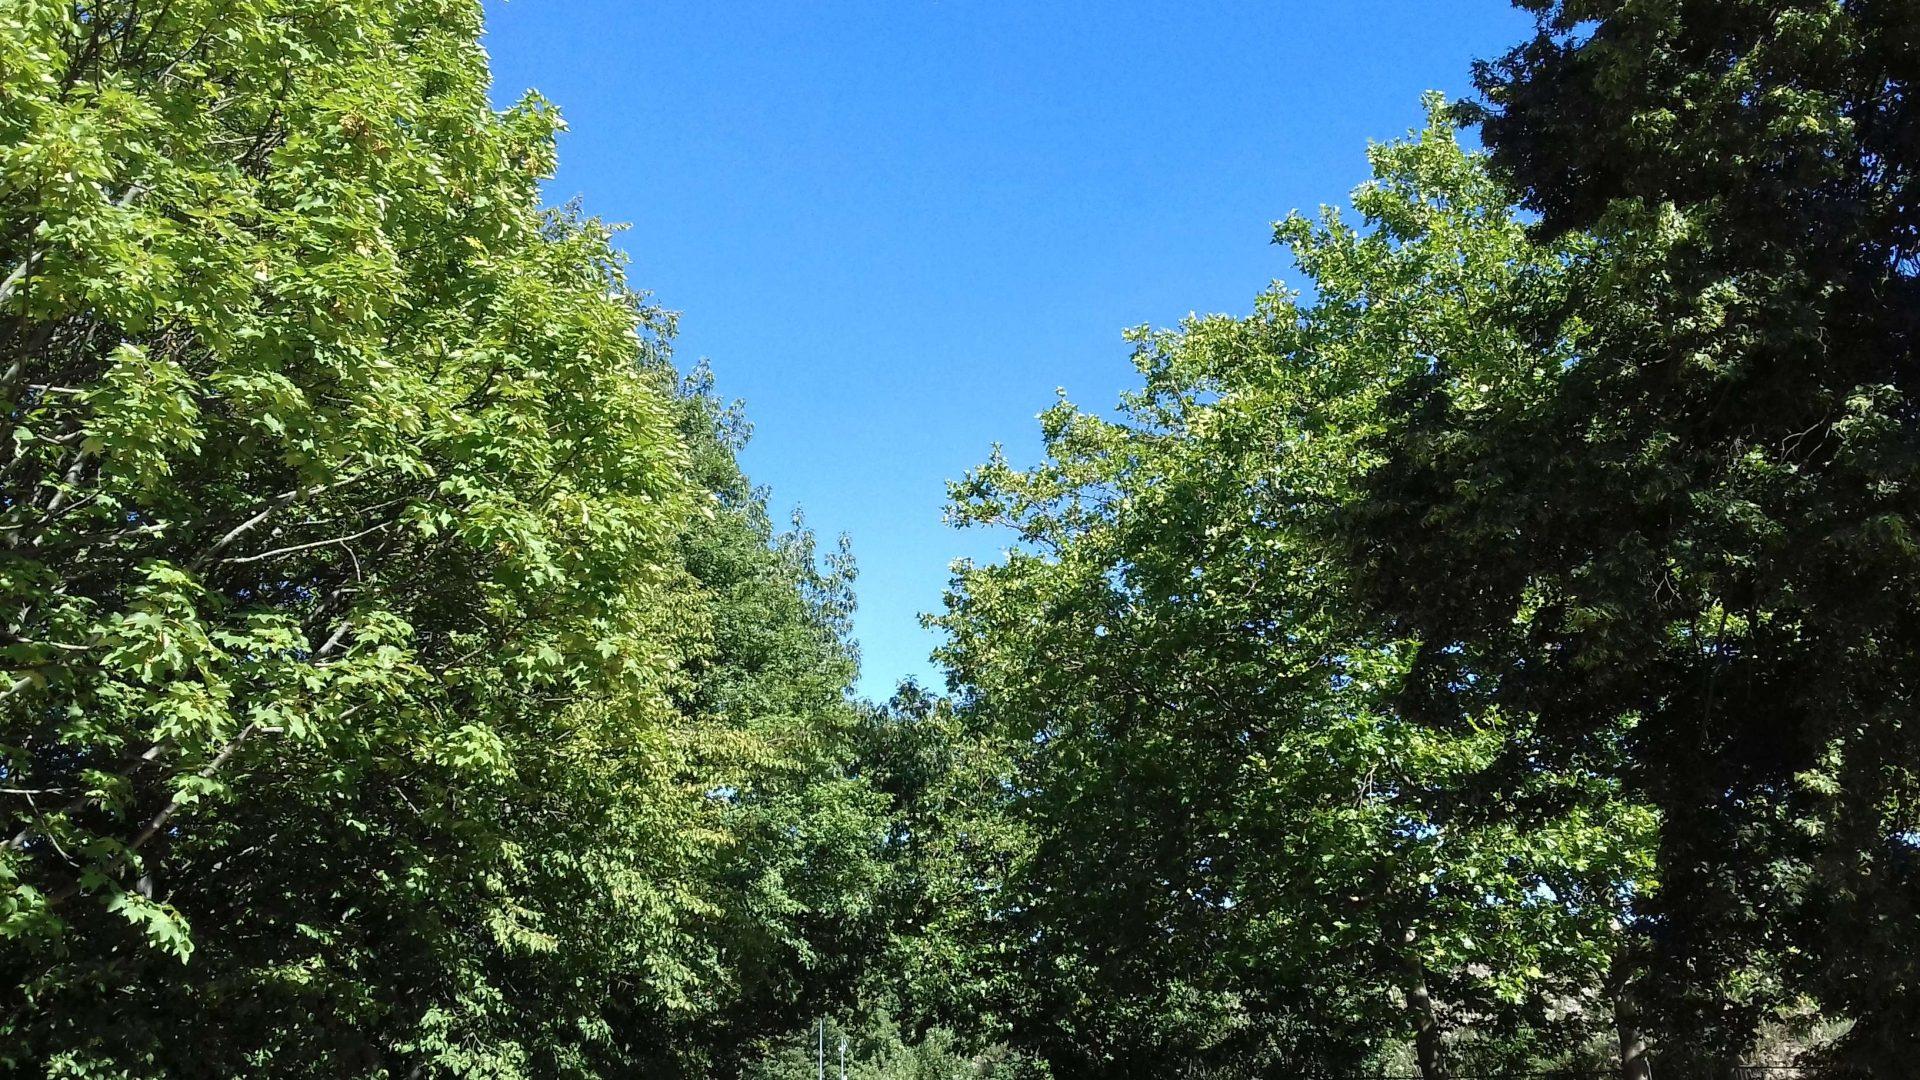 Bäume und blauer Himmel